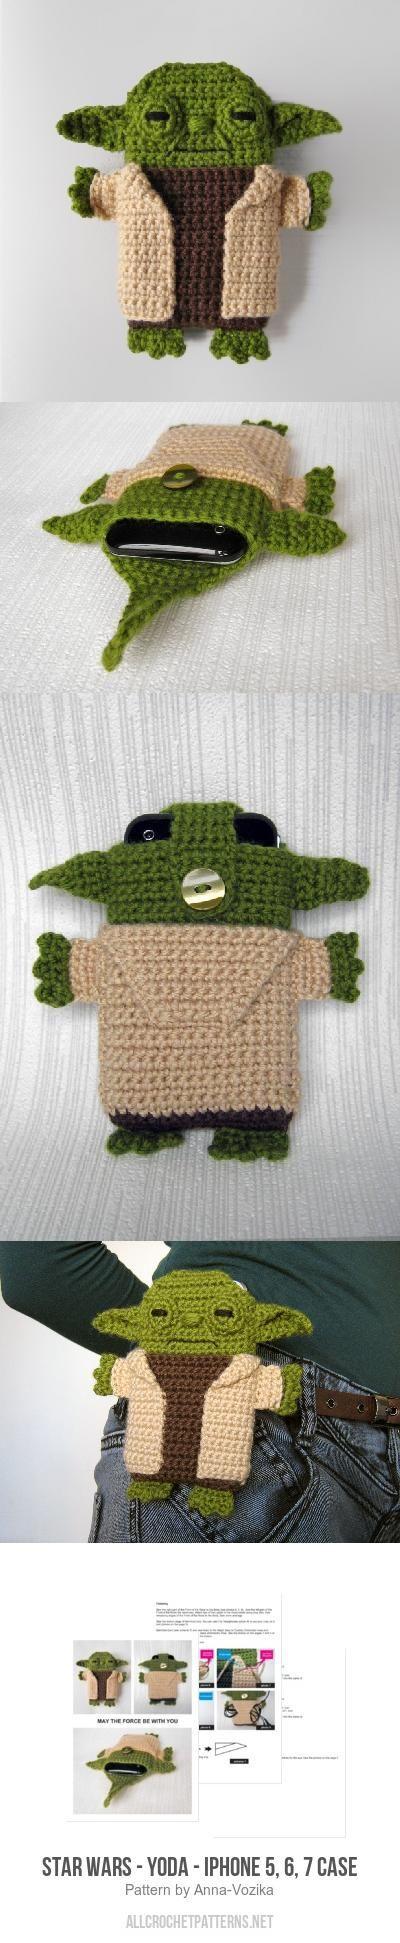 Star Wars - Yoda - iPhone 5, 6, 7 case crochet pattern